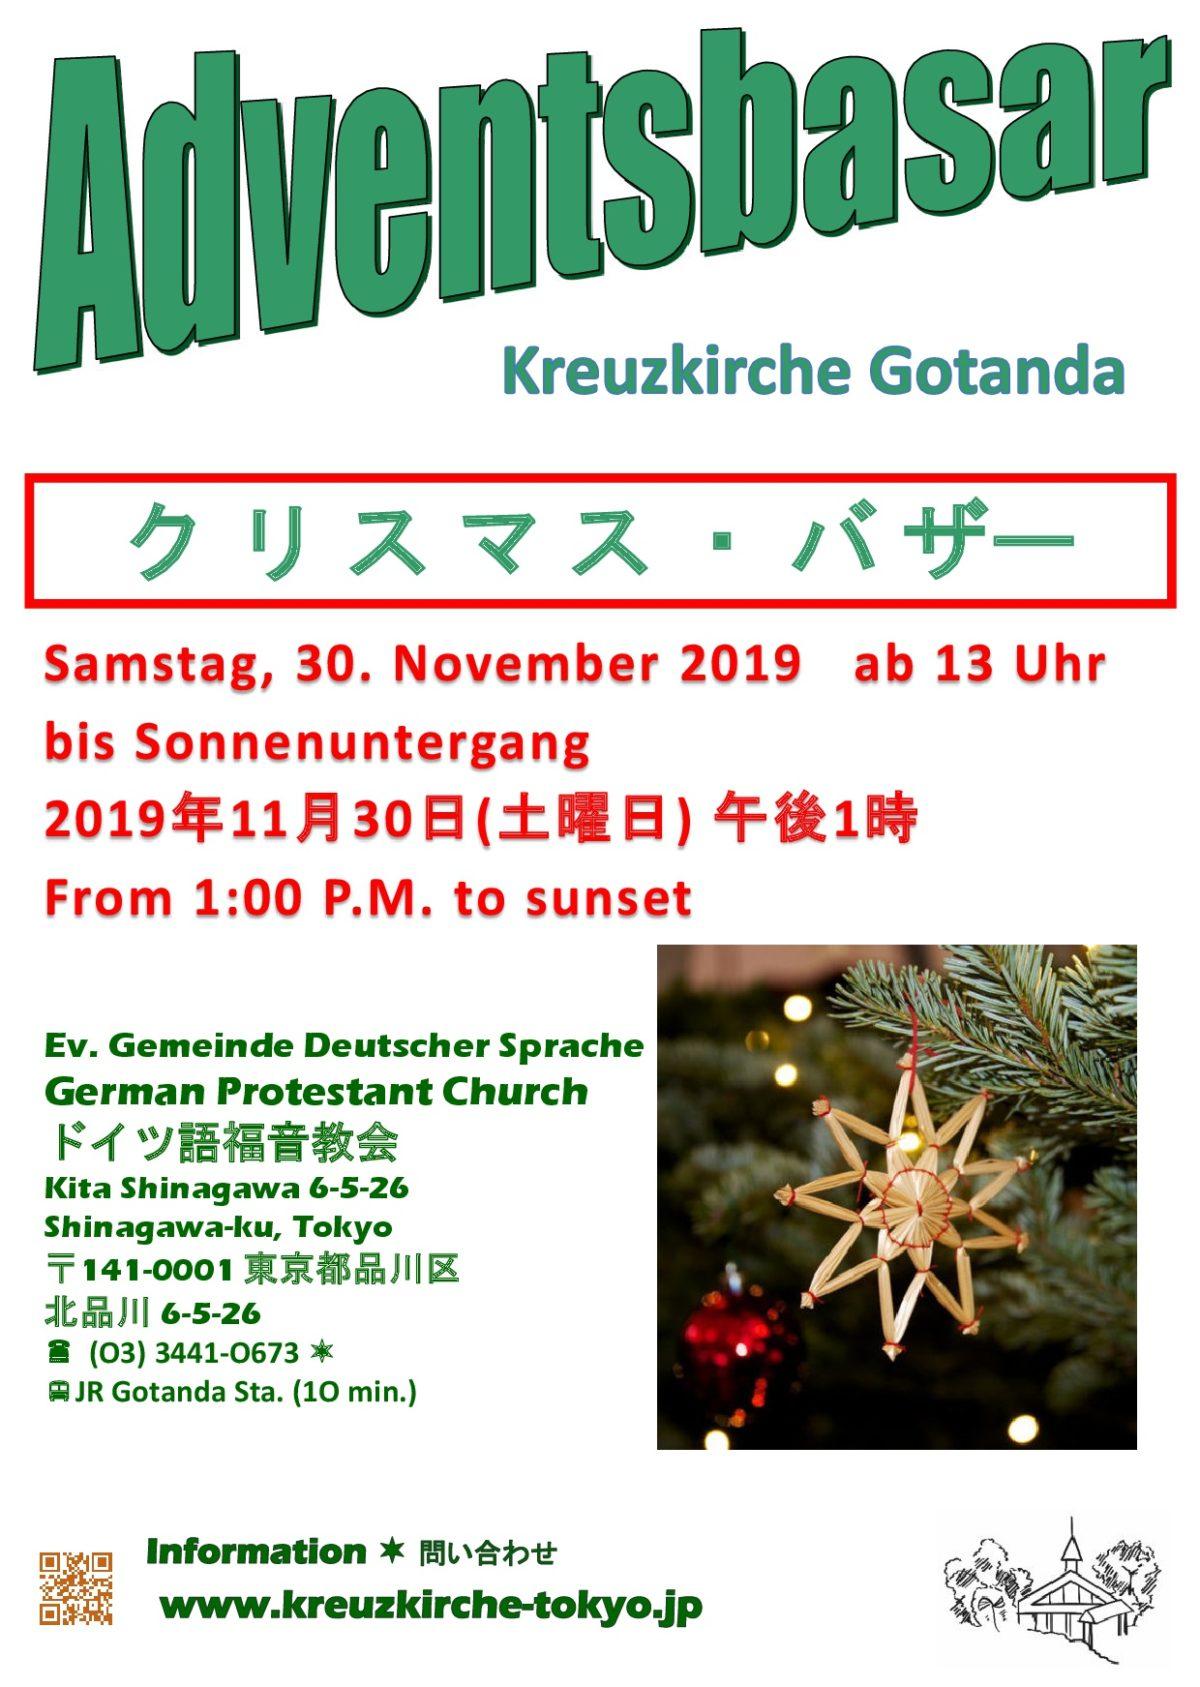 2019年11月30日(土) クリスマスバザー@ドイツ語福音教会